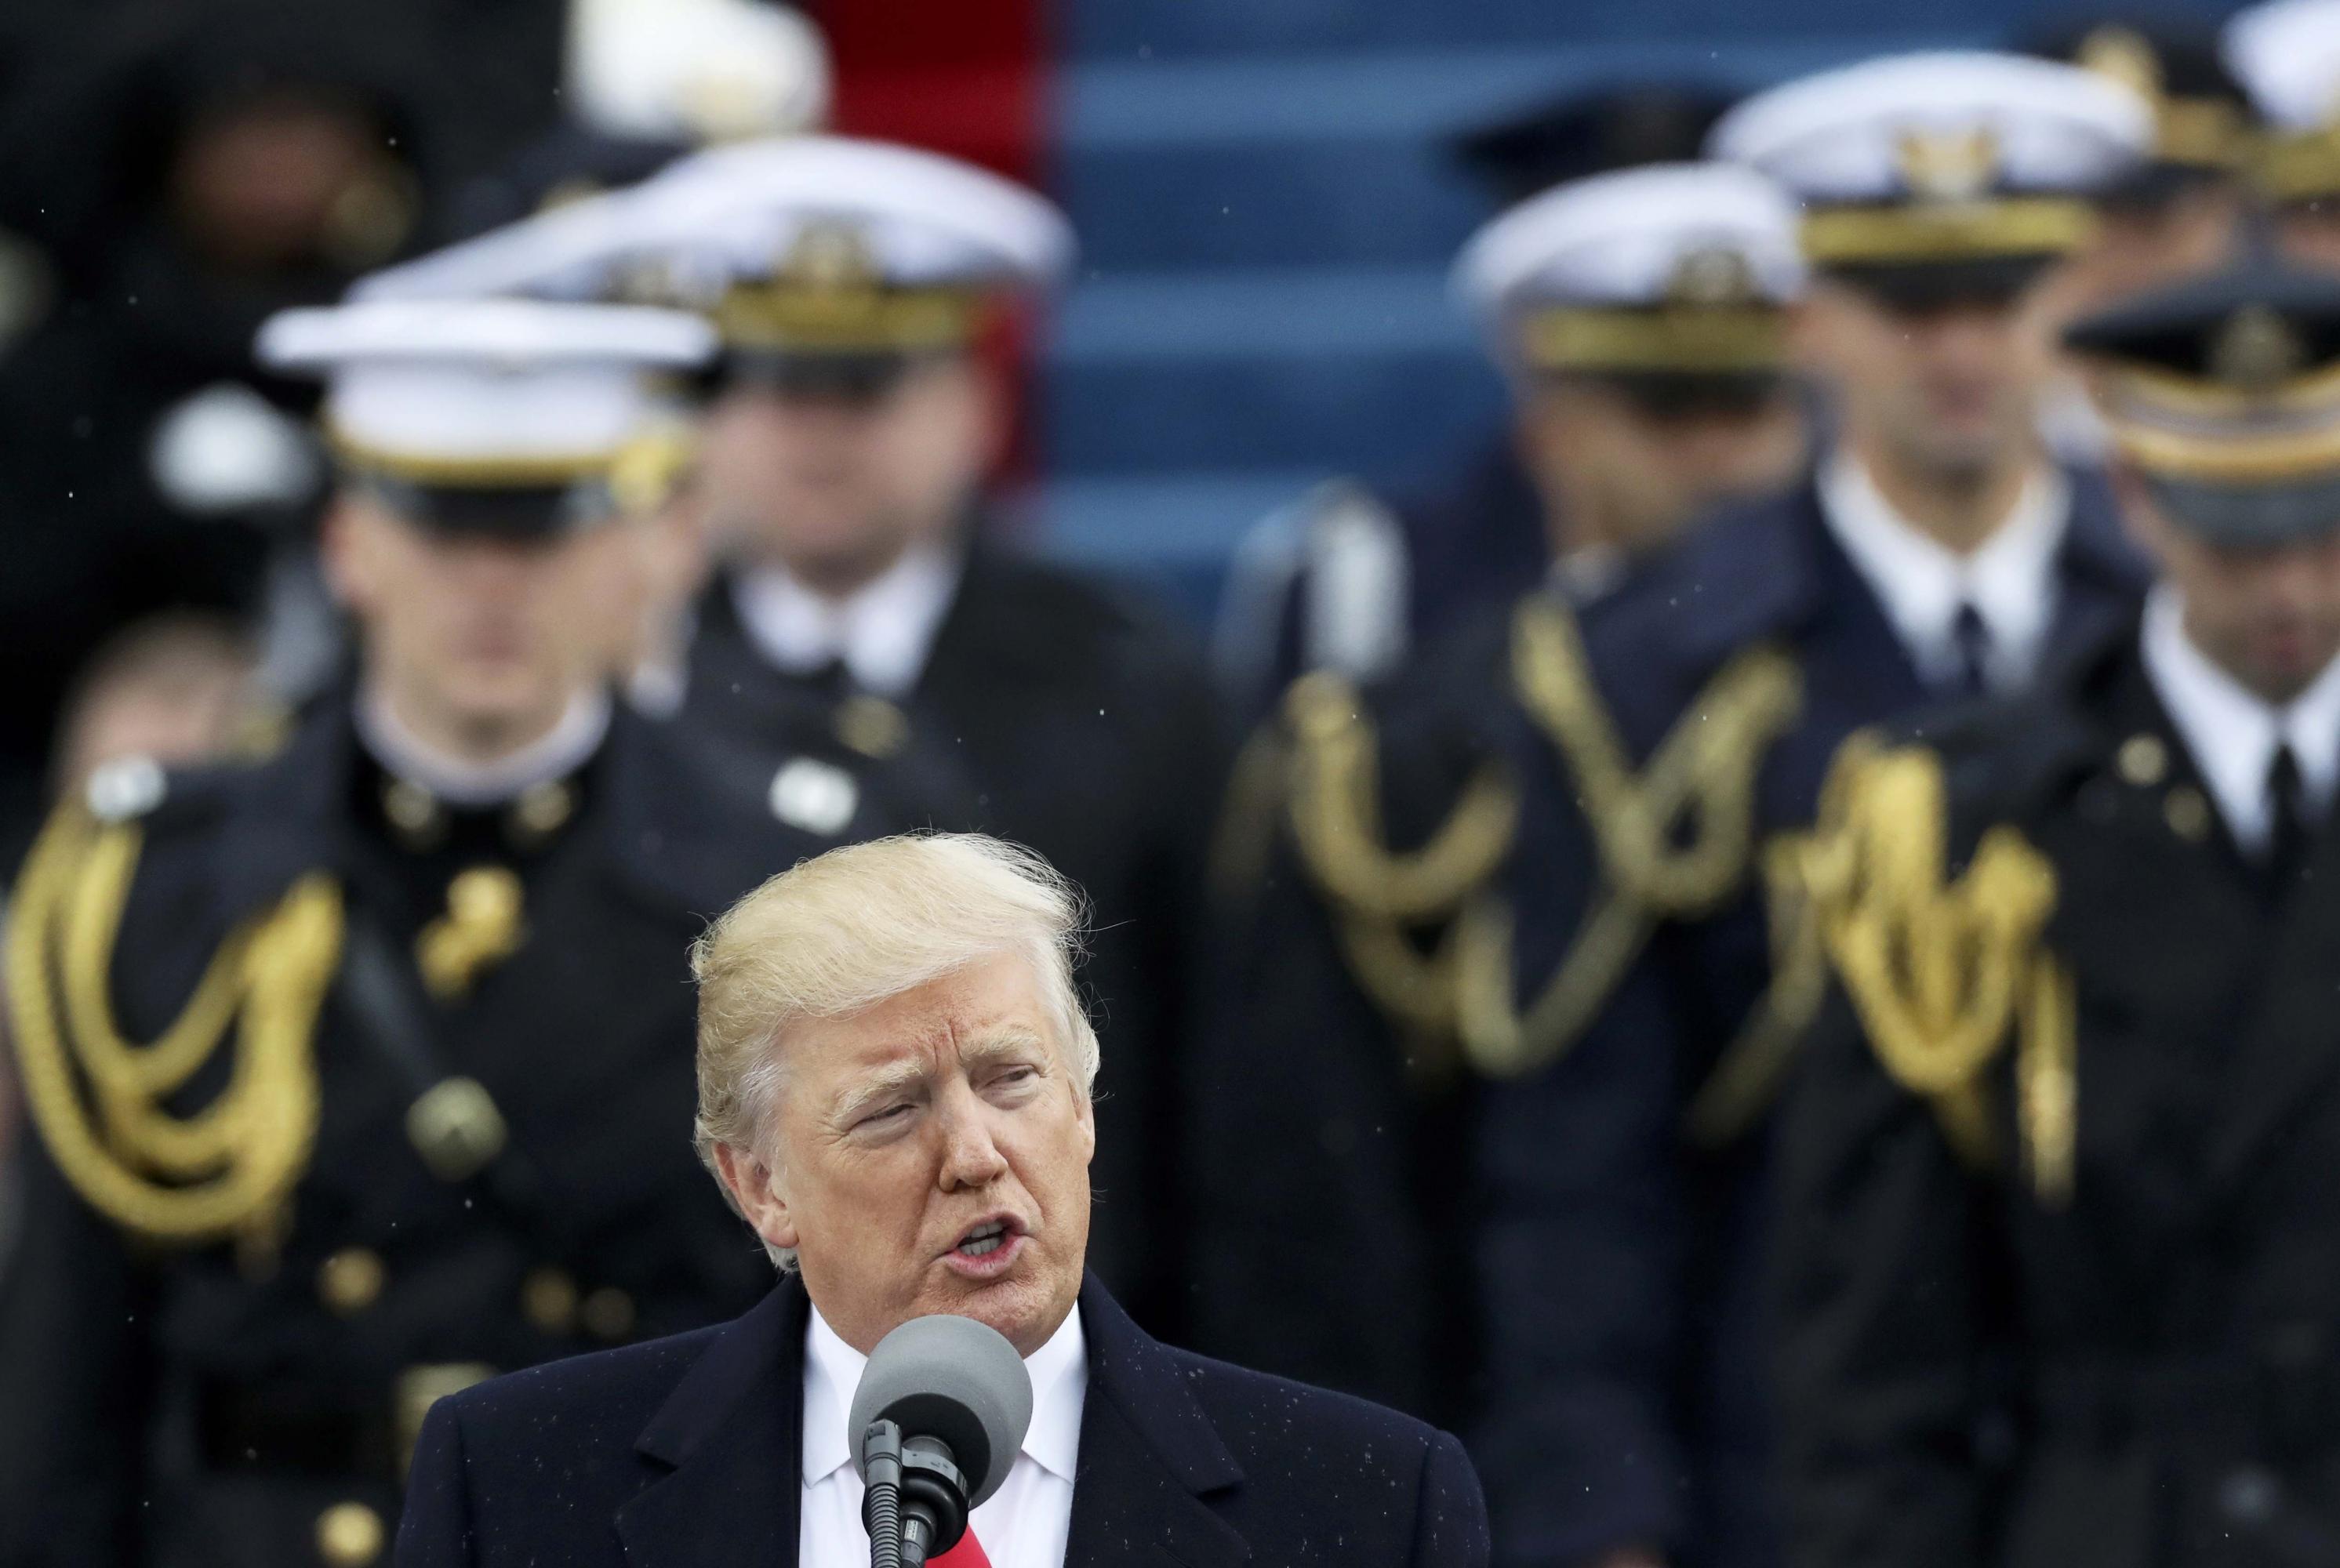 Donald Trump durante su primer discurso tras jurar su cargo de presidente de EEUU. REUTERS/Carlos Barria